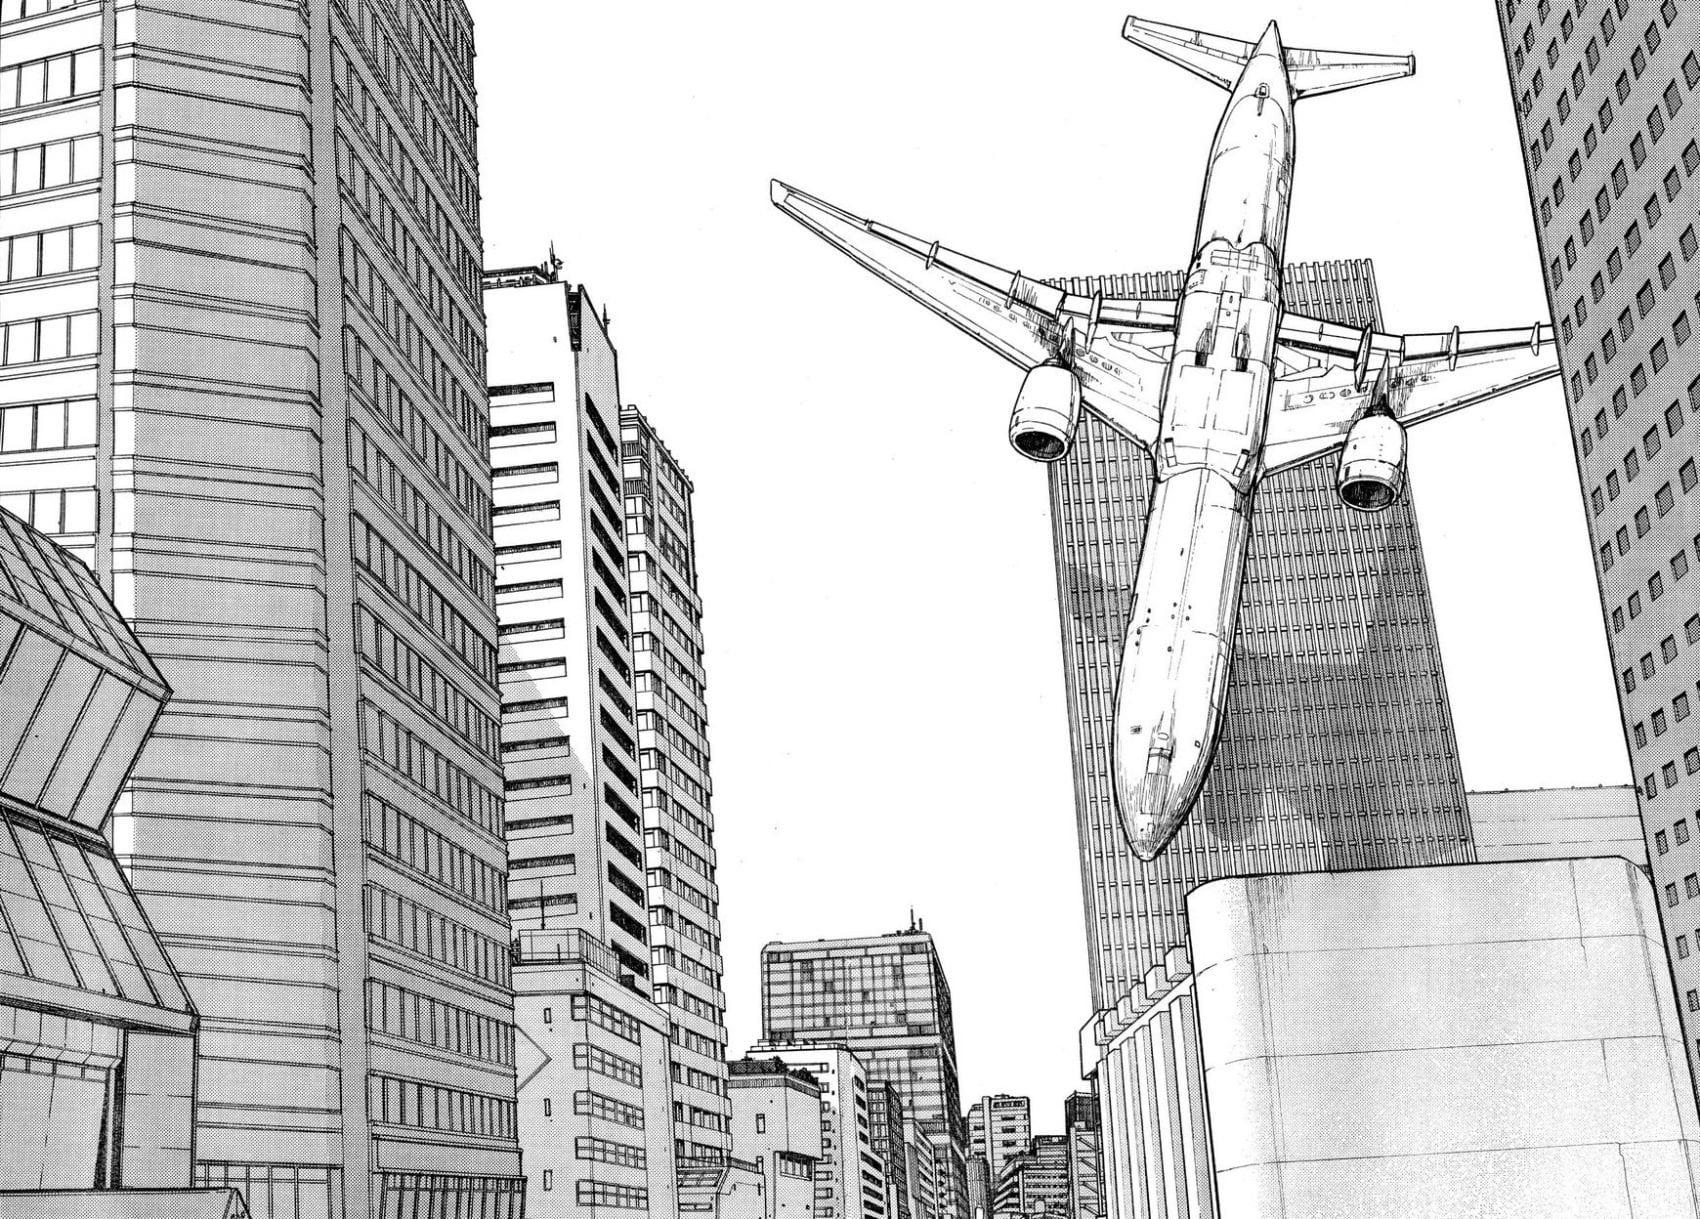 ajin-semi-humain-review-my-geek-actu-avion